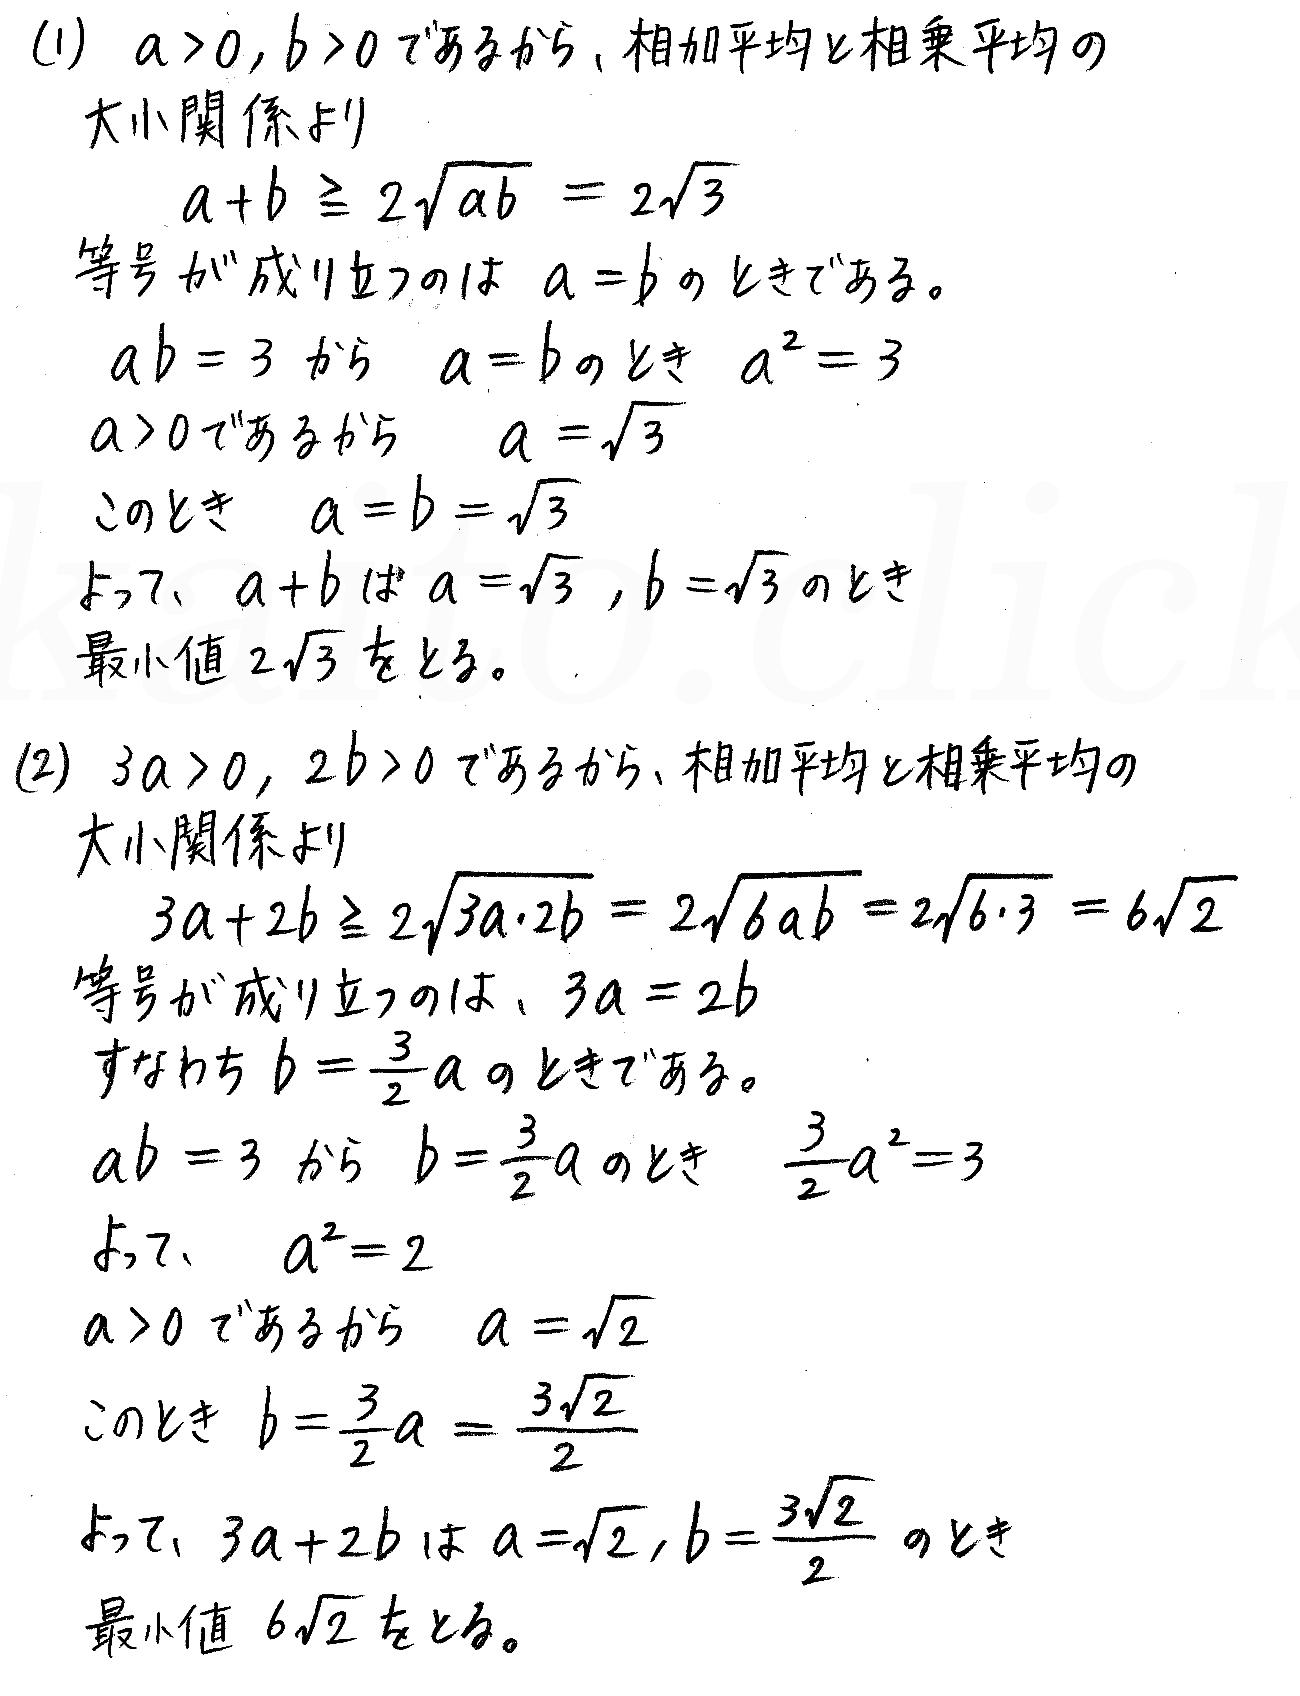 クリアー数学2-73解答